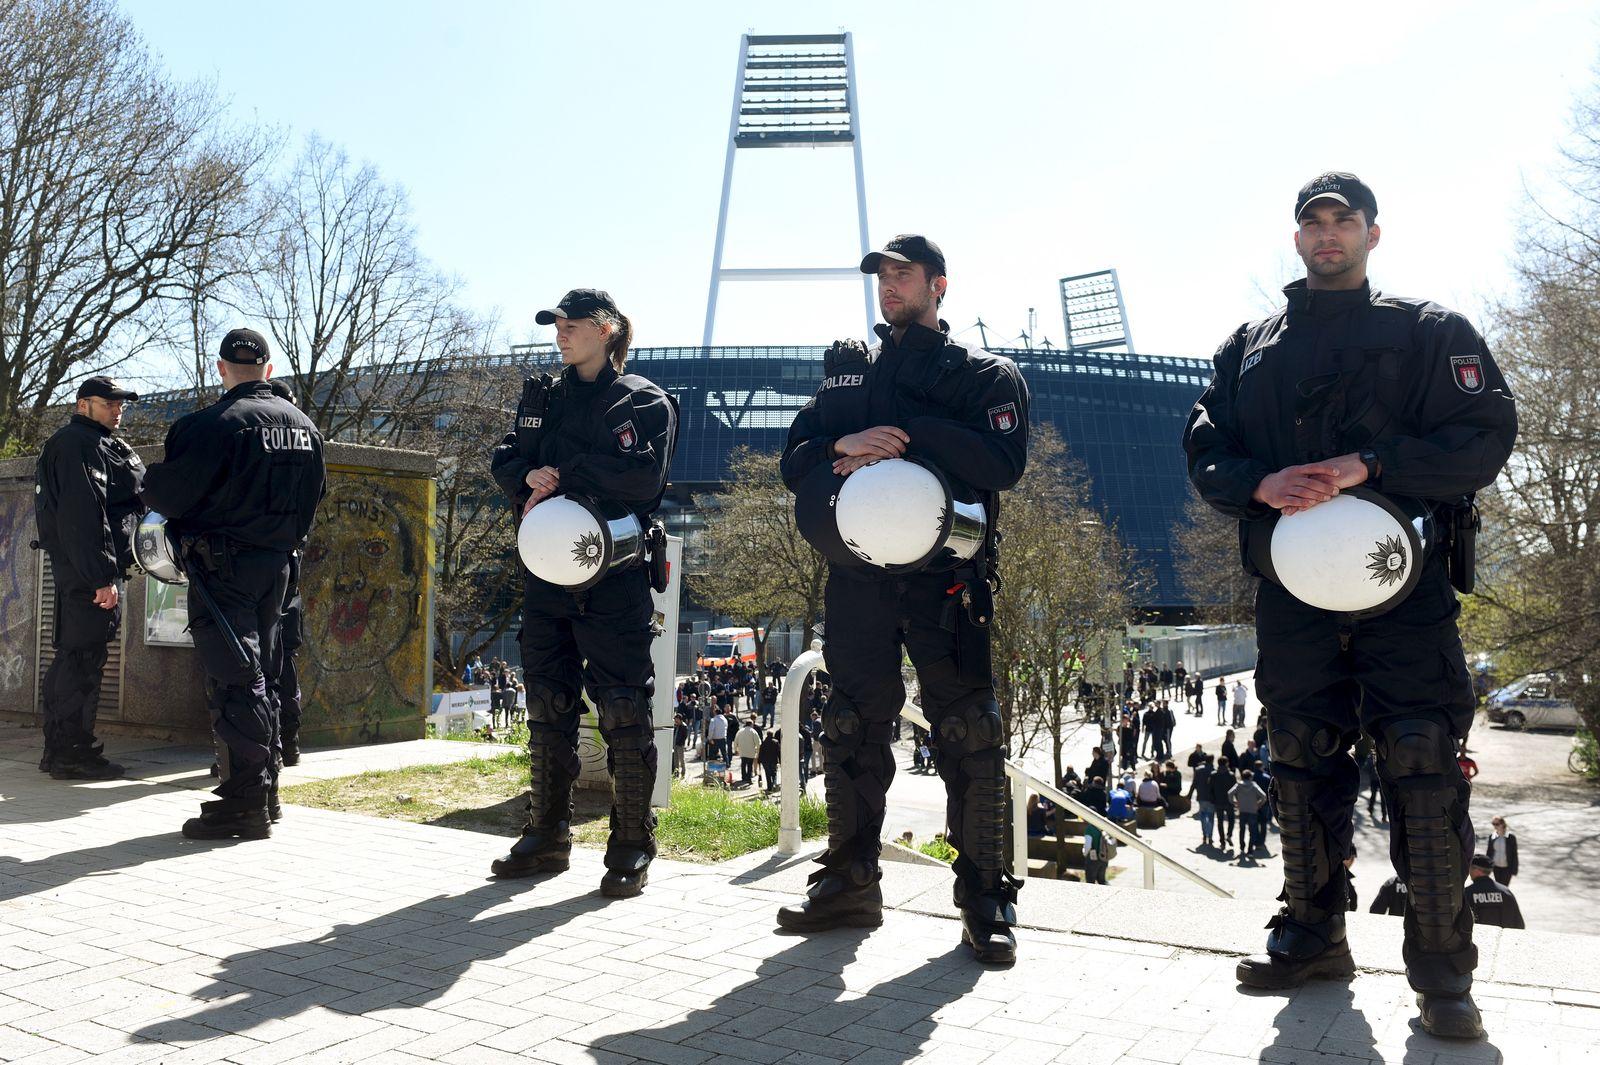 NICHT MEHR VERWENDEN! - Fußball Bundesliga/ Werder Bremen/ Hamburger SV/ Polizei